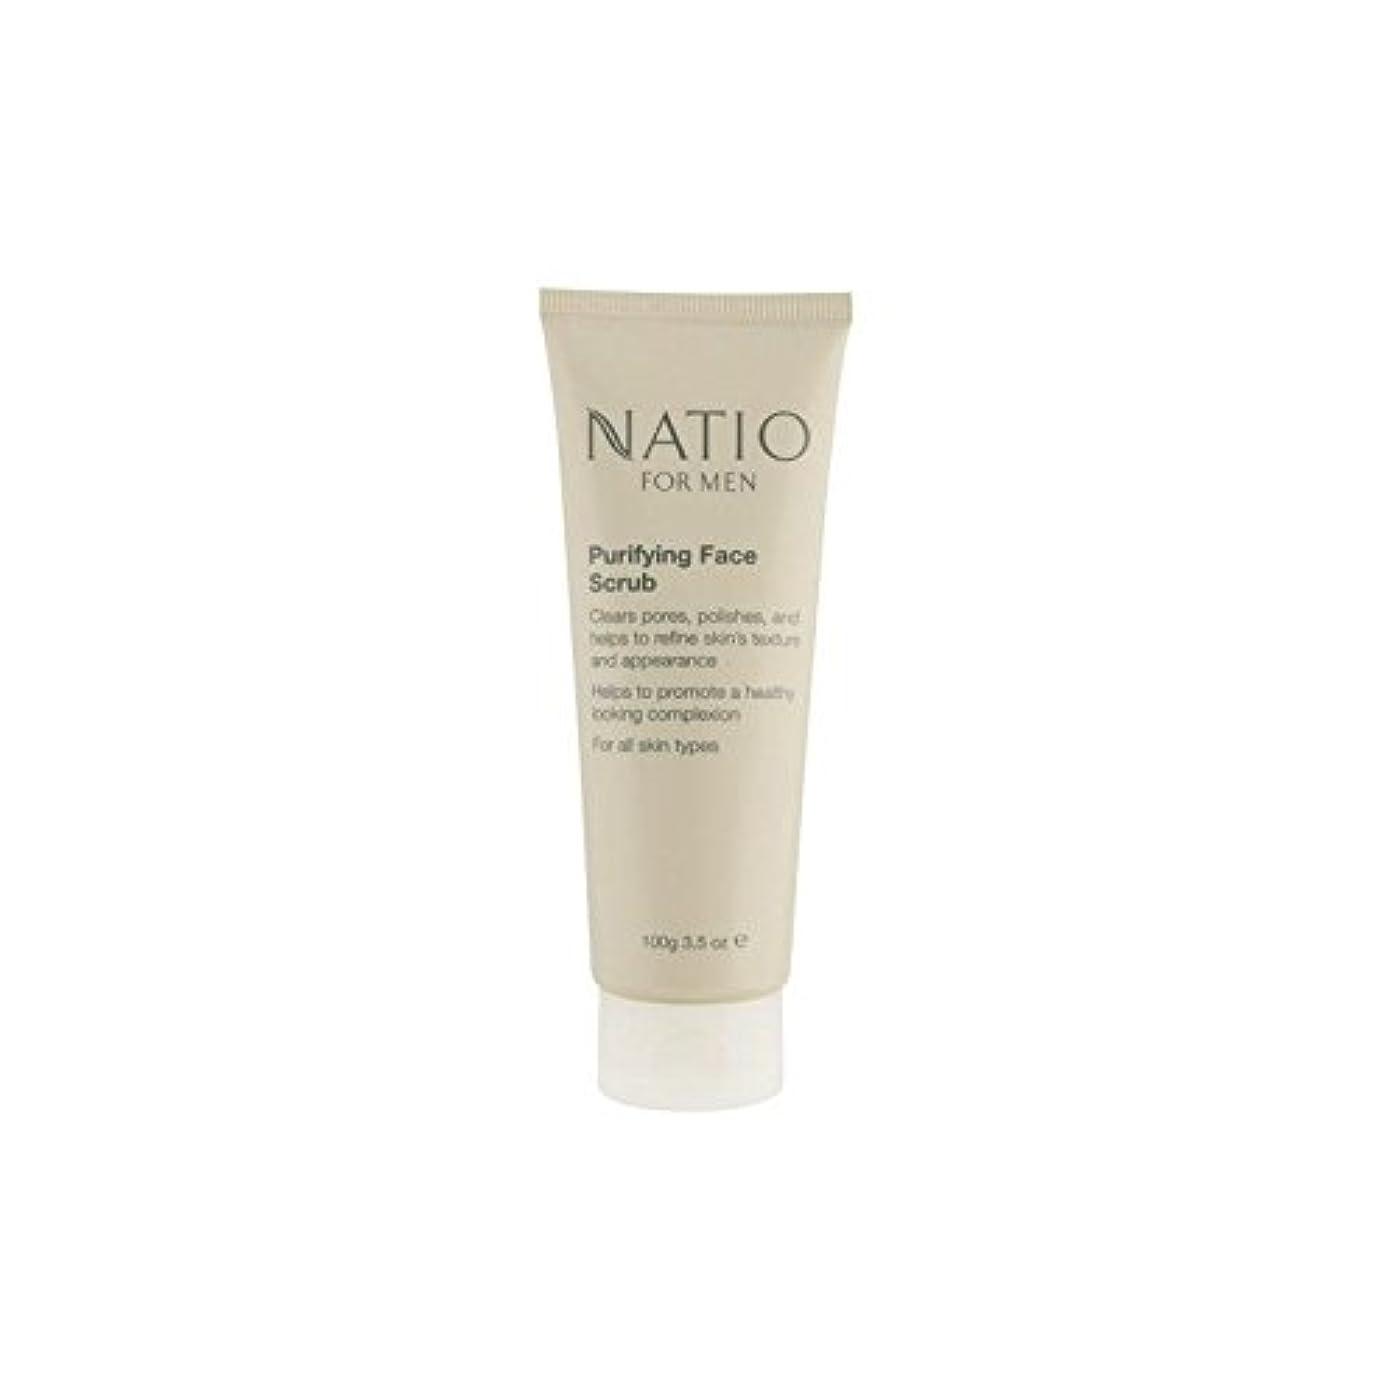 ポルティコ呼吸する謎めいたフェイススクラブを精製する男性のための(100グラム) x4 - Natio For Men Purifying Face Scrub (100G) (Pack of 4) [並行輸入品]